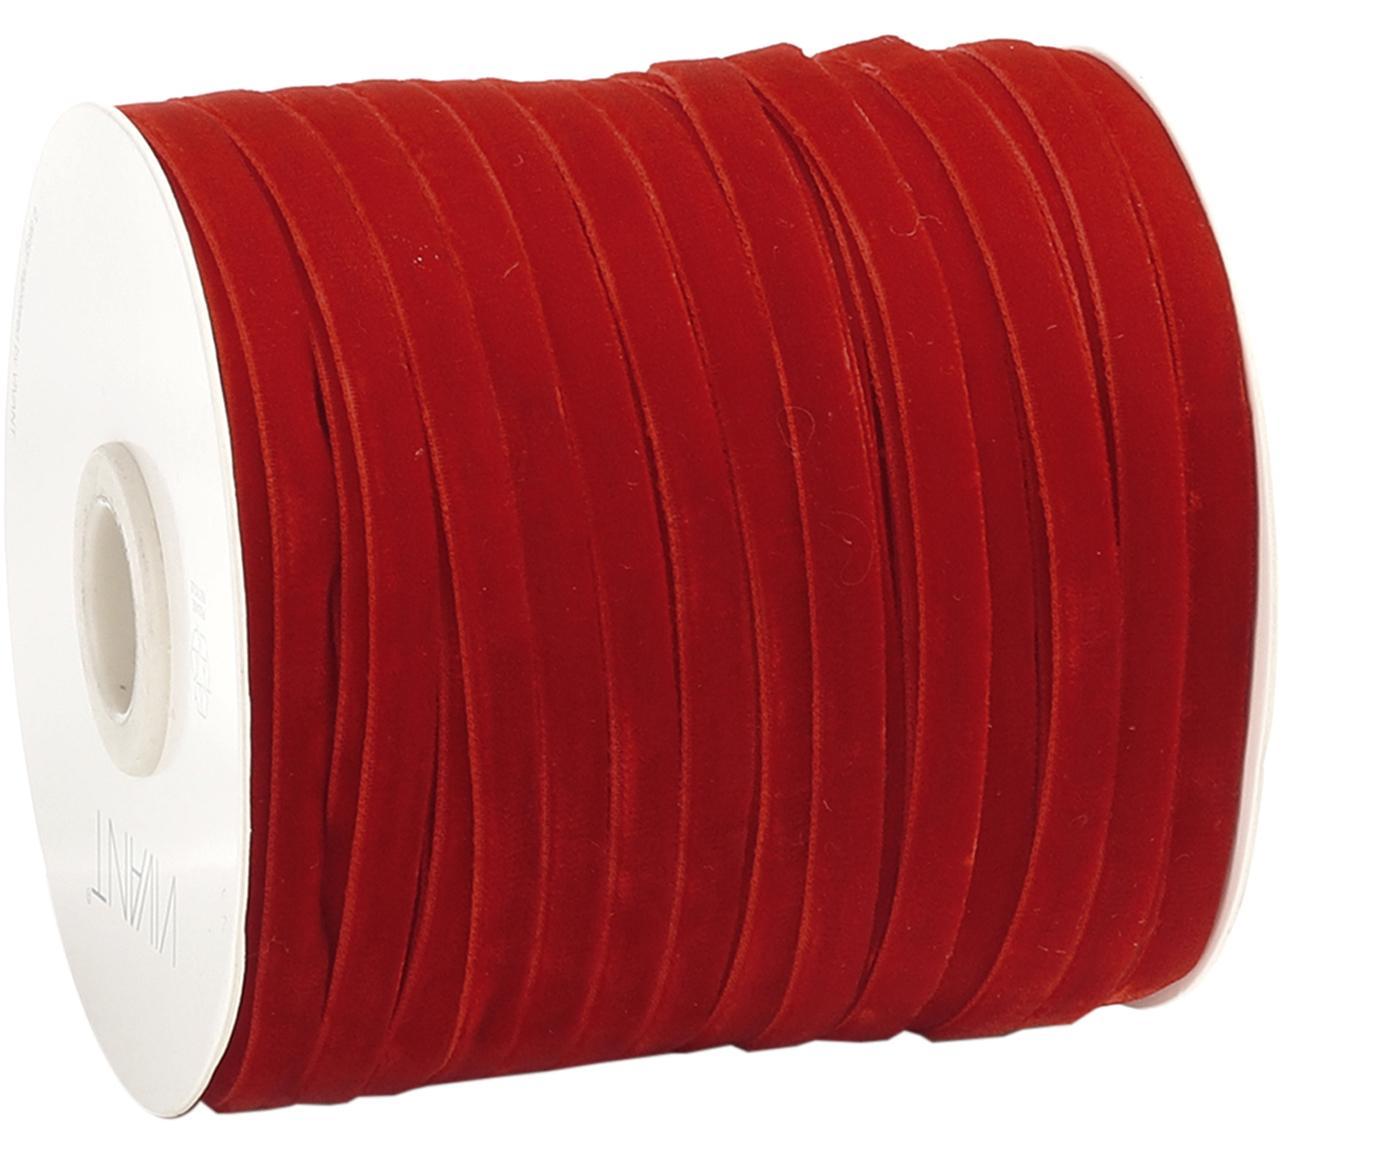 Cadeaulint Velveta, Nylon, Rood, 0 x 10000 cm